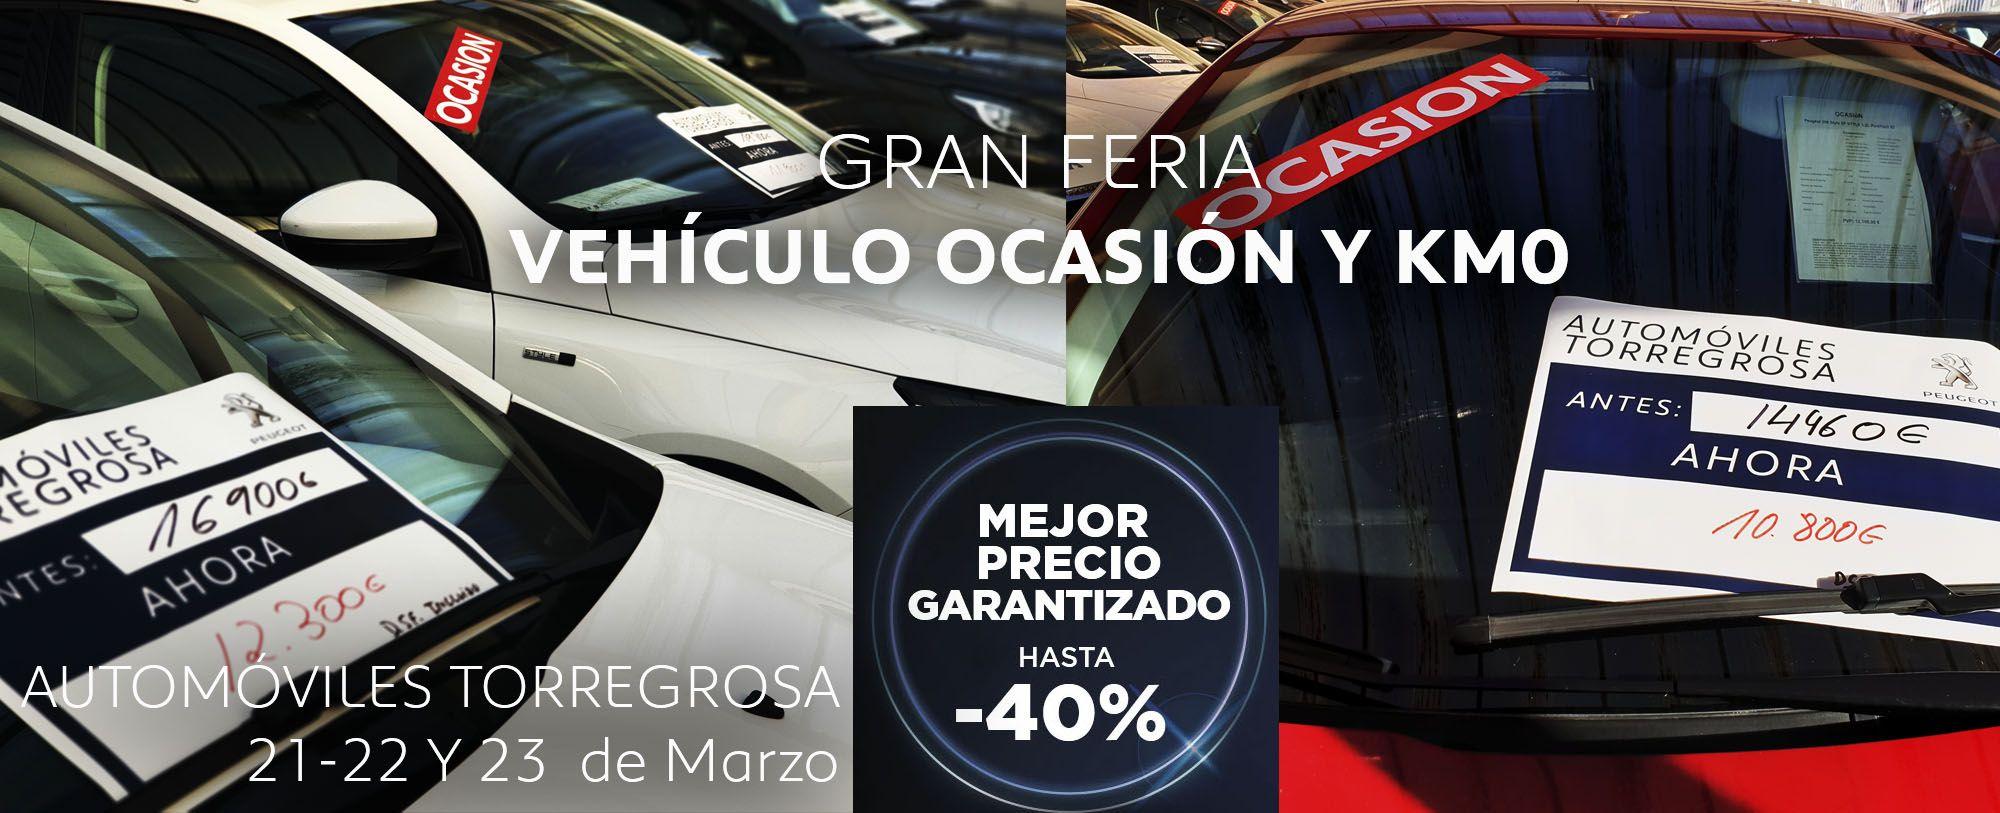 Feria ocasión y km0 Automóviles Torregrosa